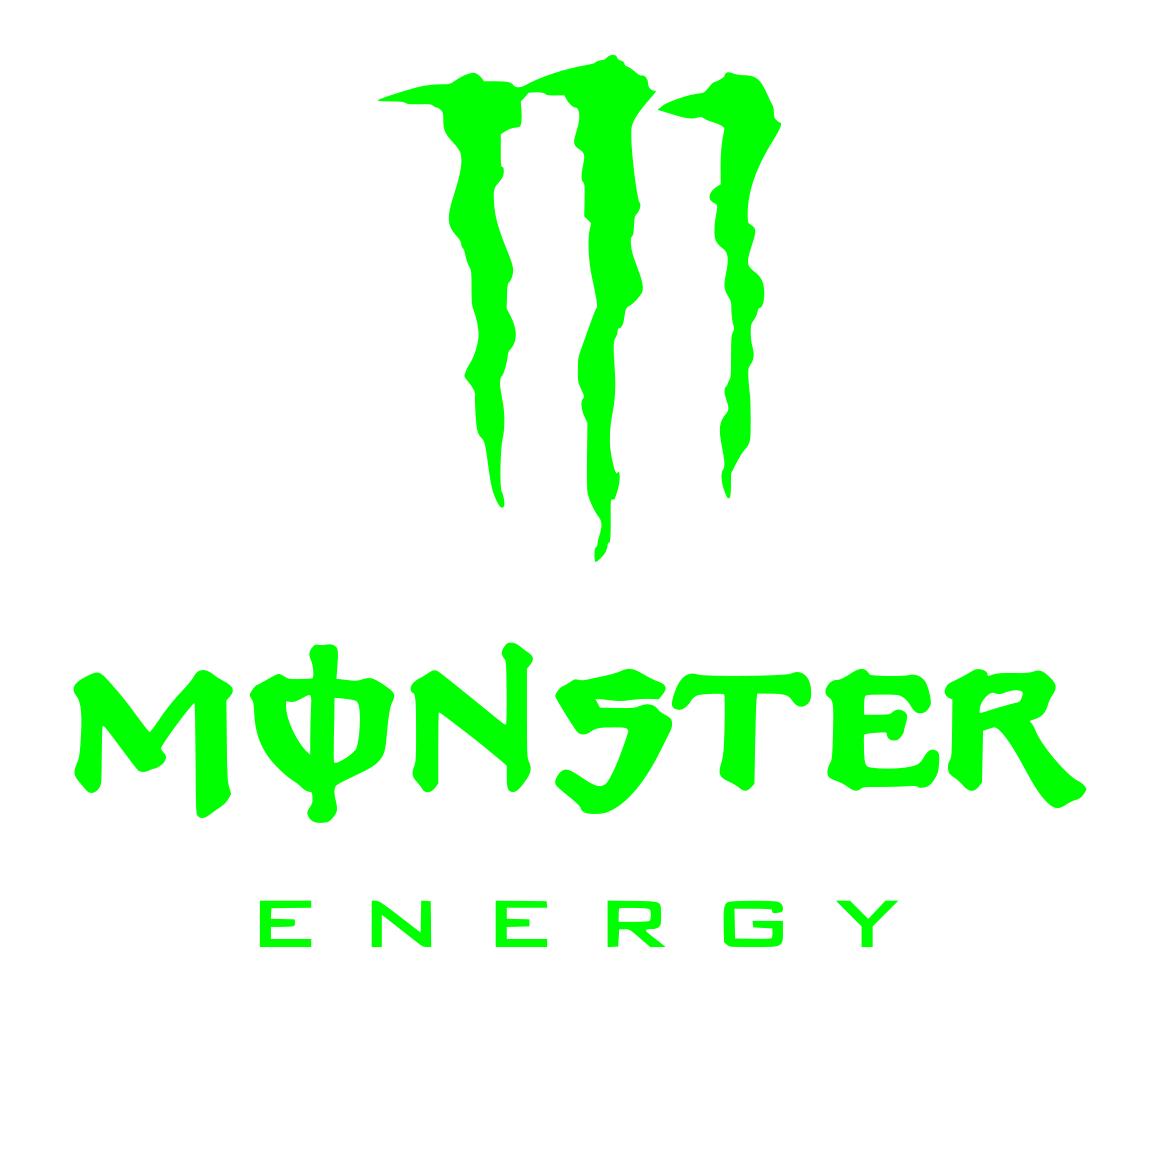 monster energy monster energy pinterest monsters dirt biking rh pinterest com monster energy fox logo monster energy fox logo